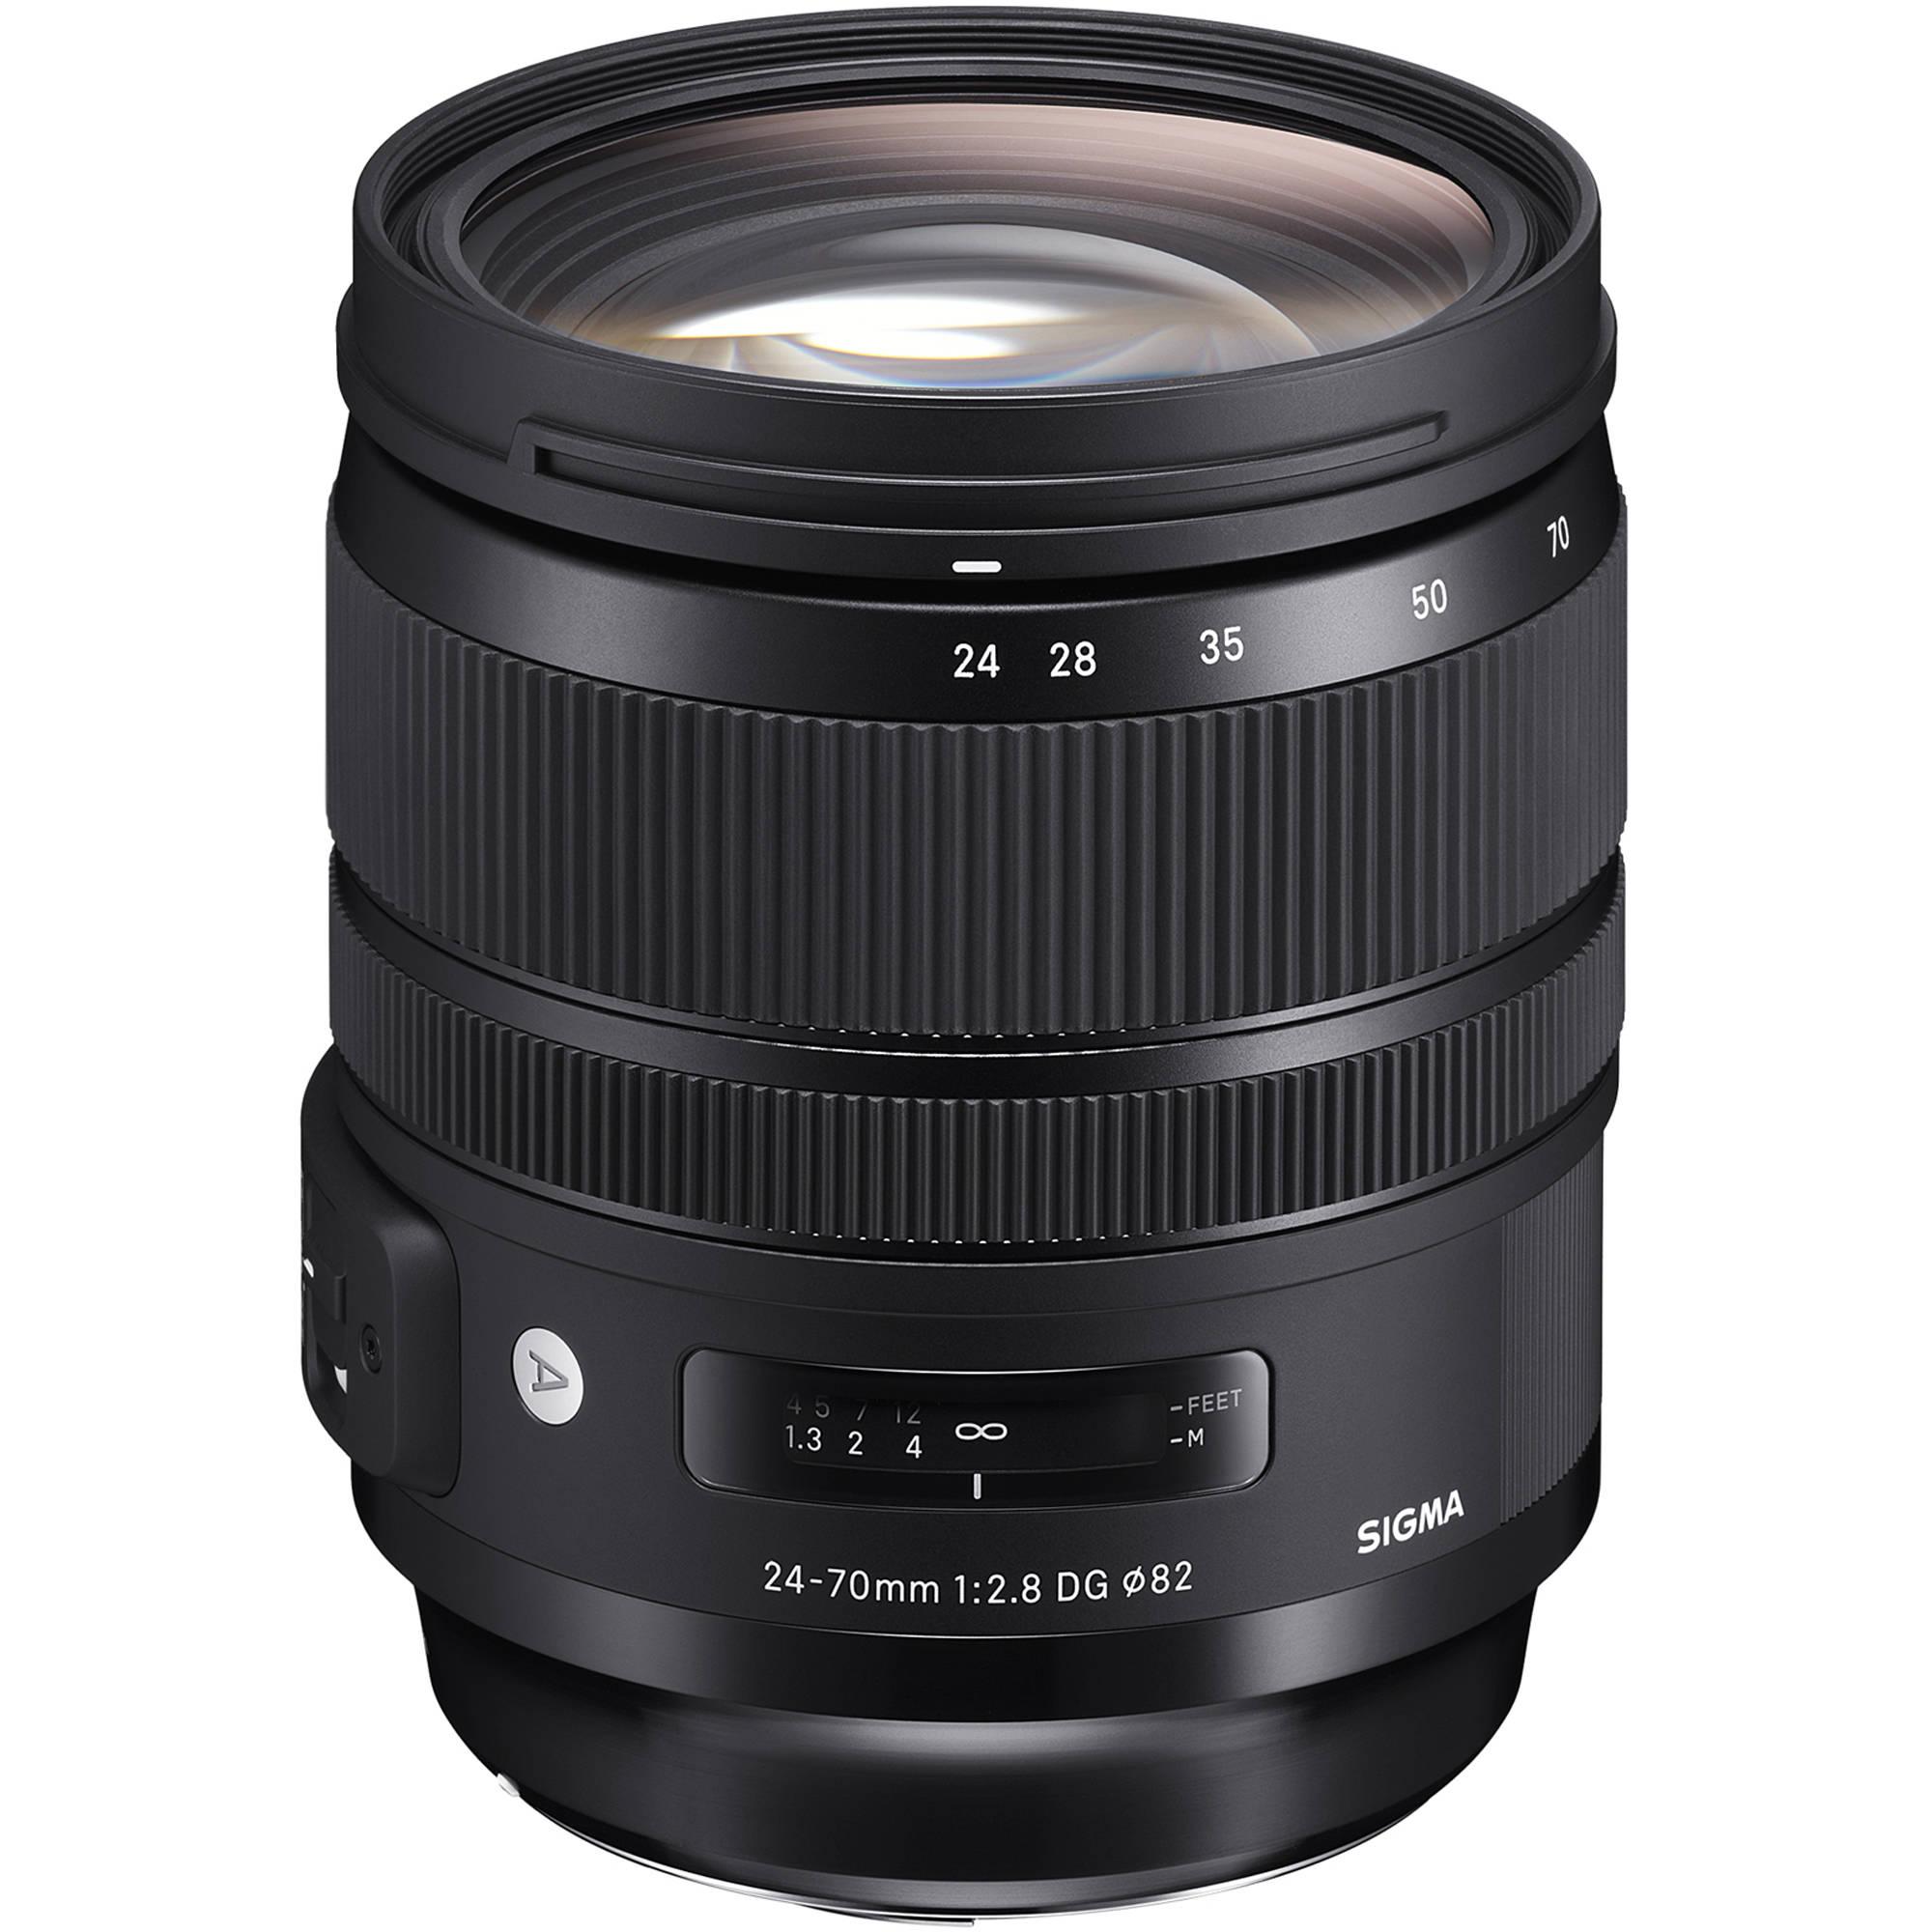 Nikon Sigma Art 24-70mm f/2.8 -